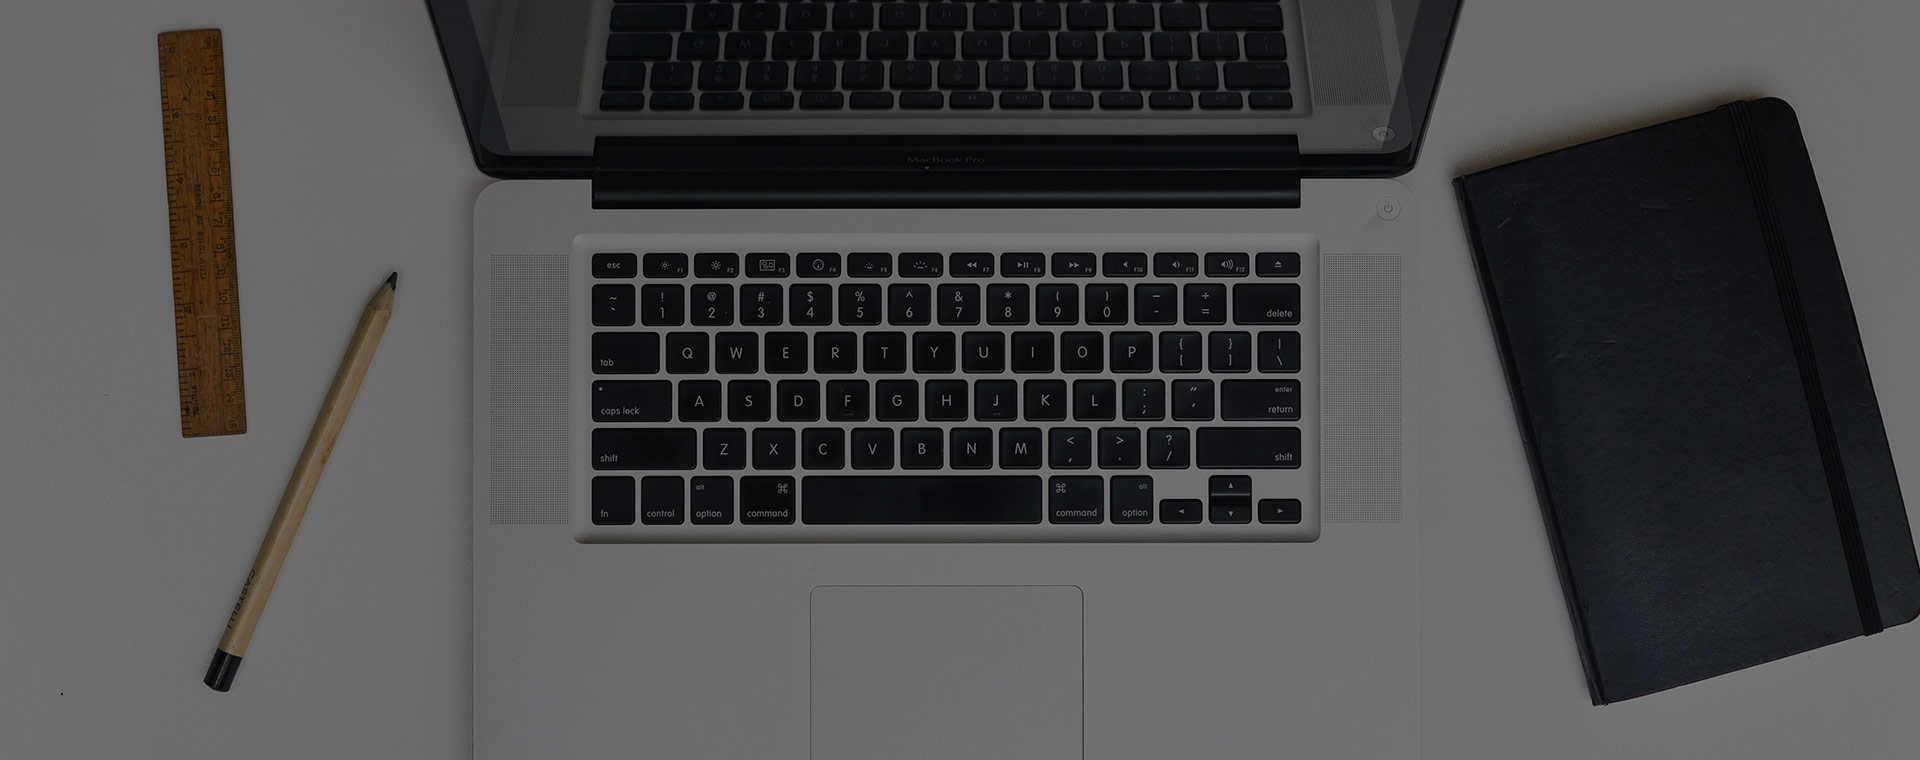 Op de laptop glasvezel